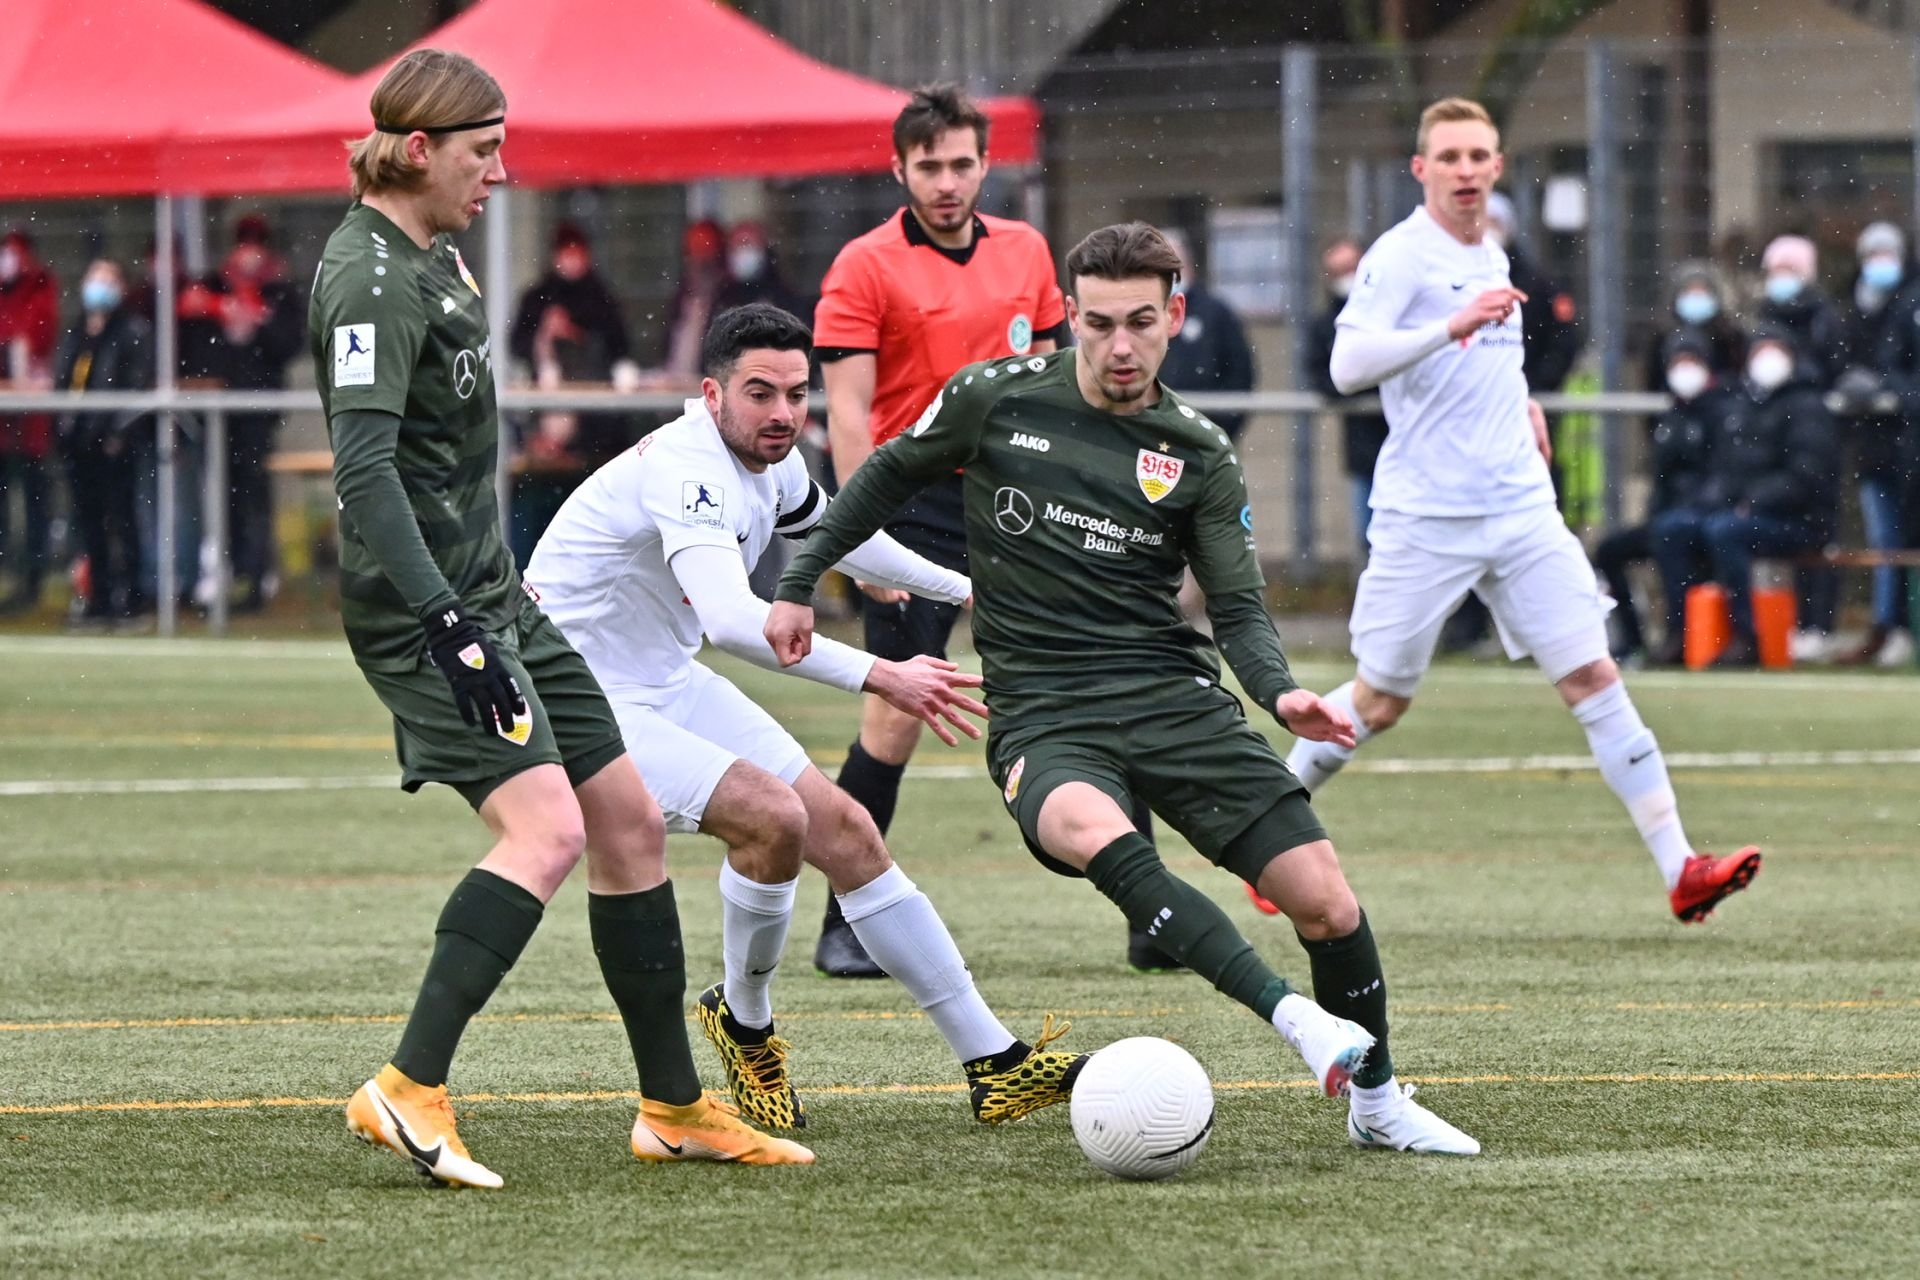 Regionalliga Südwest 2020/21, KSV Hessen Kassel, VfB Stuttgart II, Endstand 0:4, Adrian Bravo Sanchez, Alexander Missbach